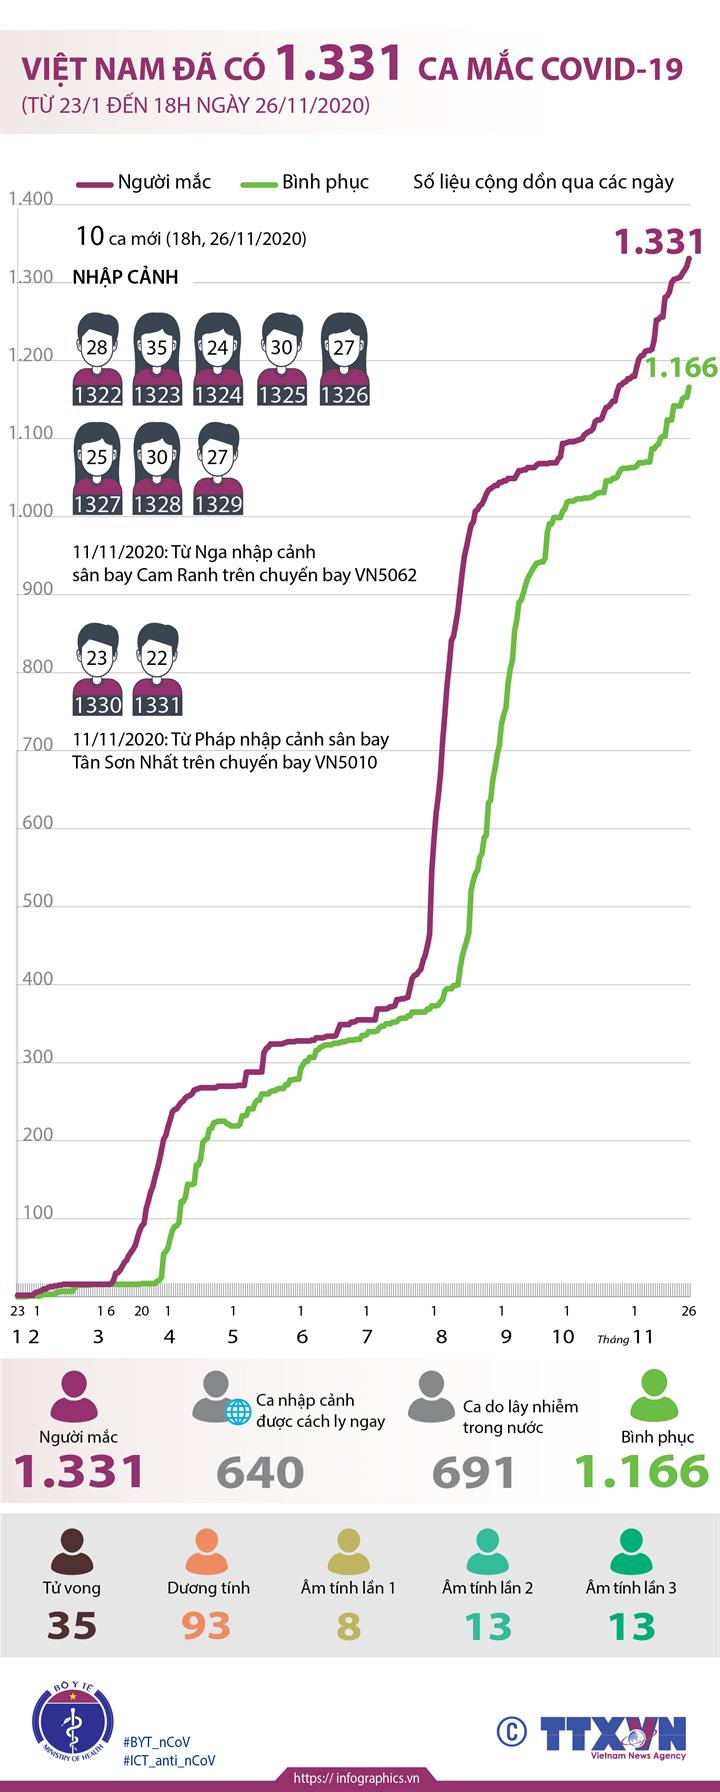 Việt Nam đã có 1.331 ca mắc COVID-19 (từ 23/1 đến 18h ngày 26/11/2020)